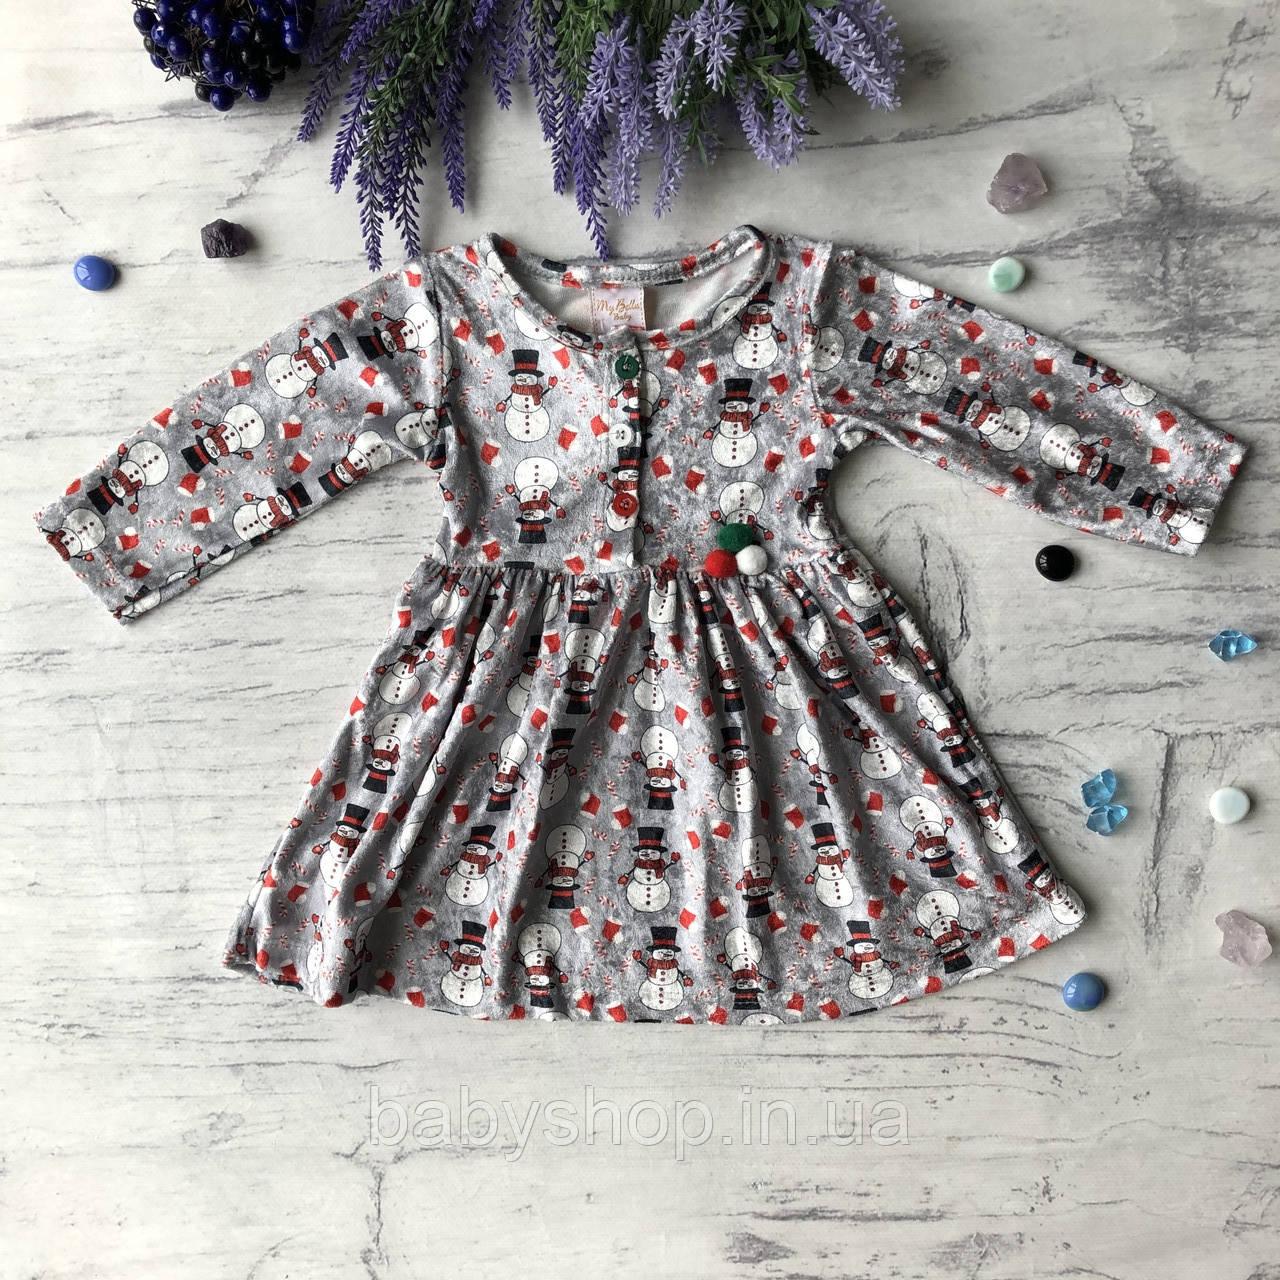 Новогоднее платье на девочку 3. Размер 68 см, 74 см, 80 см, 86 см